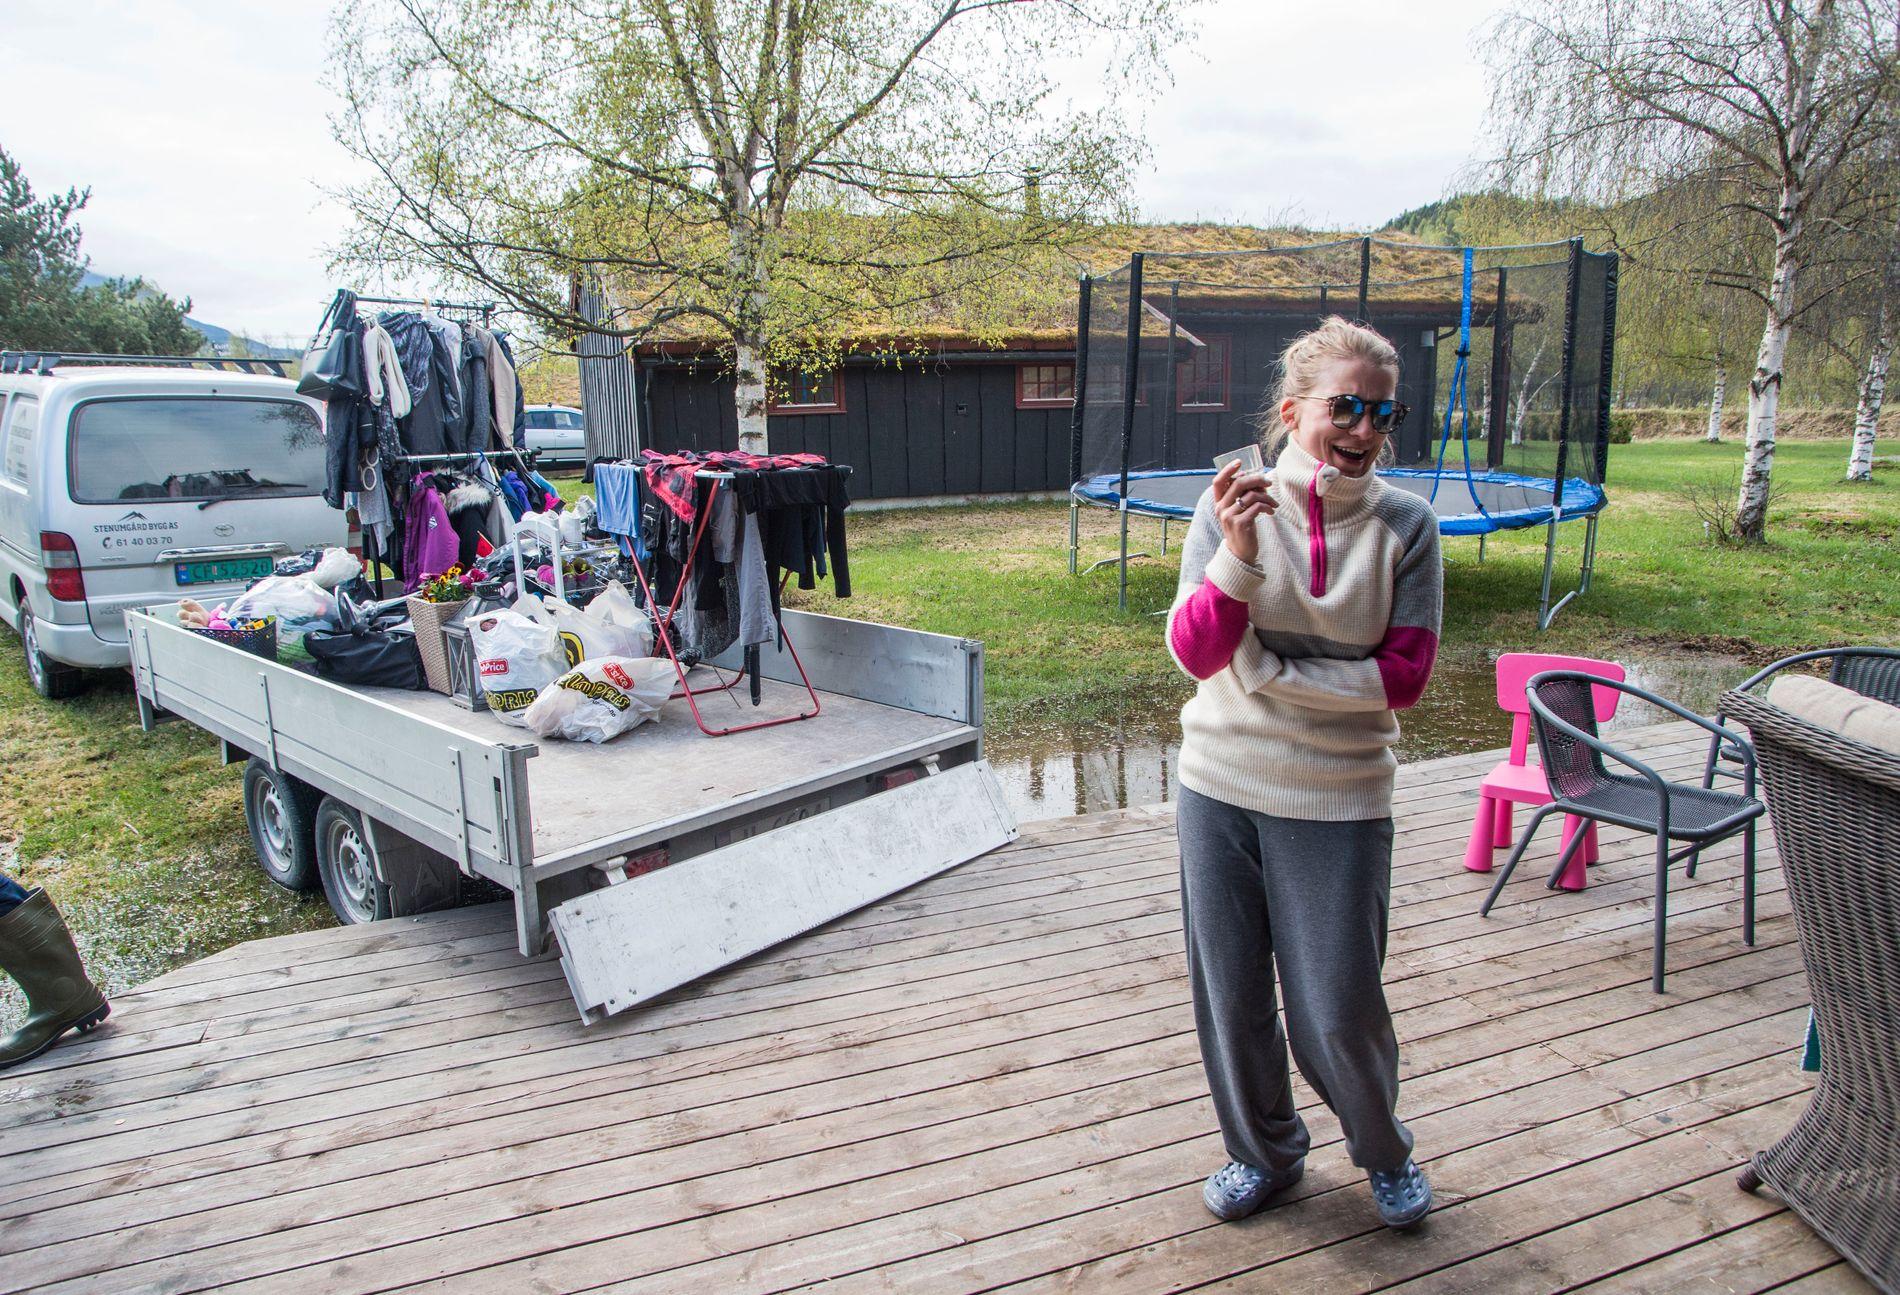 STABLER EIENDELER: Randi Beate Stenumgård ble vekket av brannmannskaper og fikk reddet ut eiendeler fra hytta.